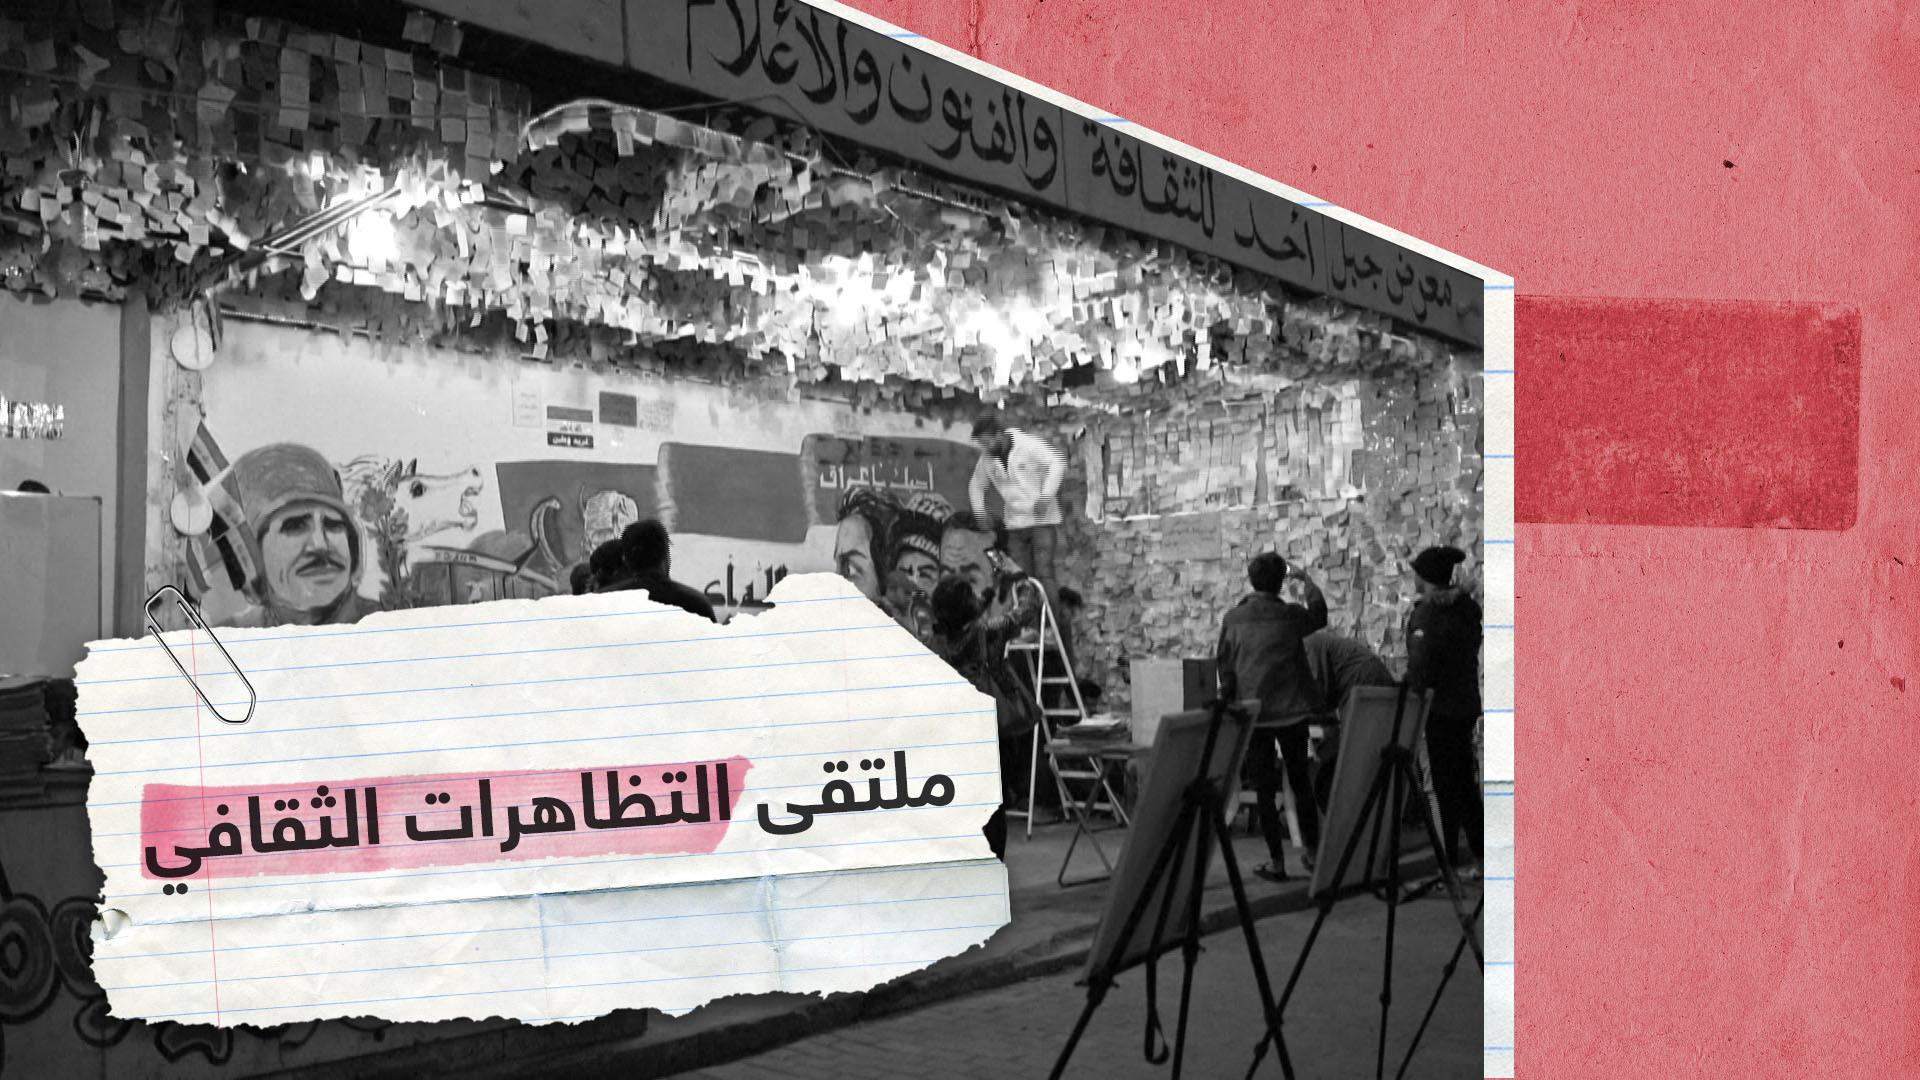 ملتقى ثقافي في التظاهرات.. هكذا يعبر فنانو العراق عن احتجاجهم